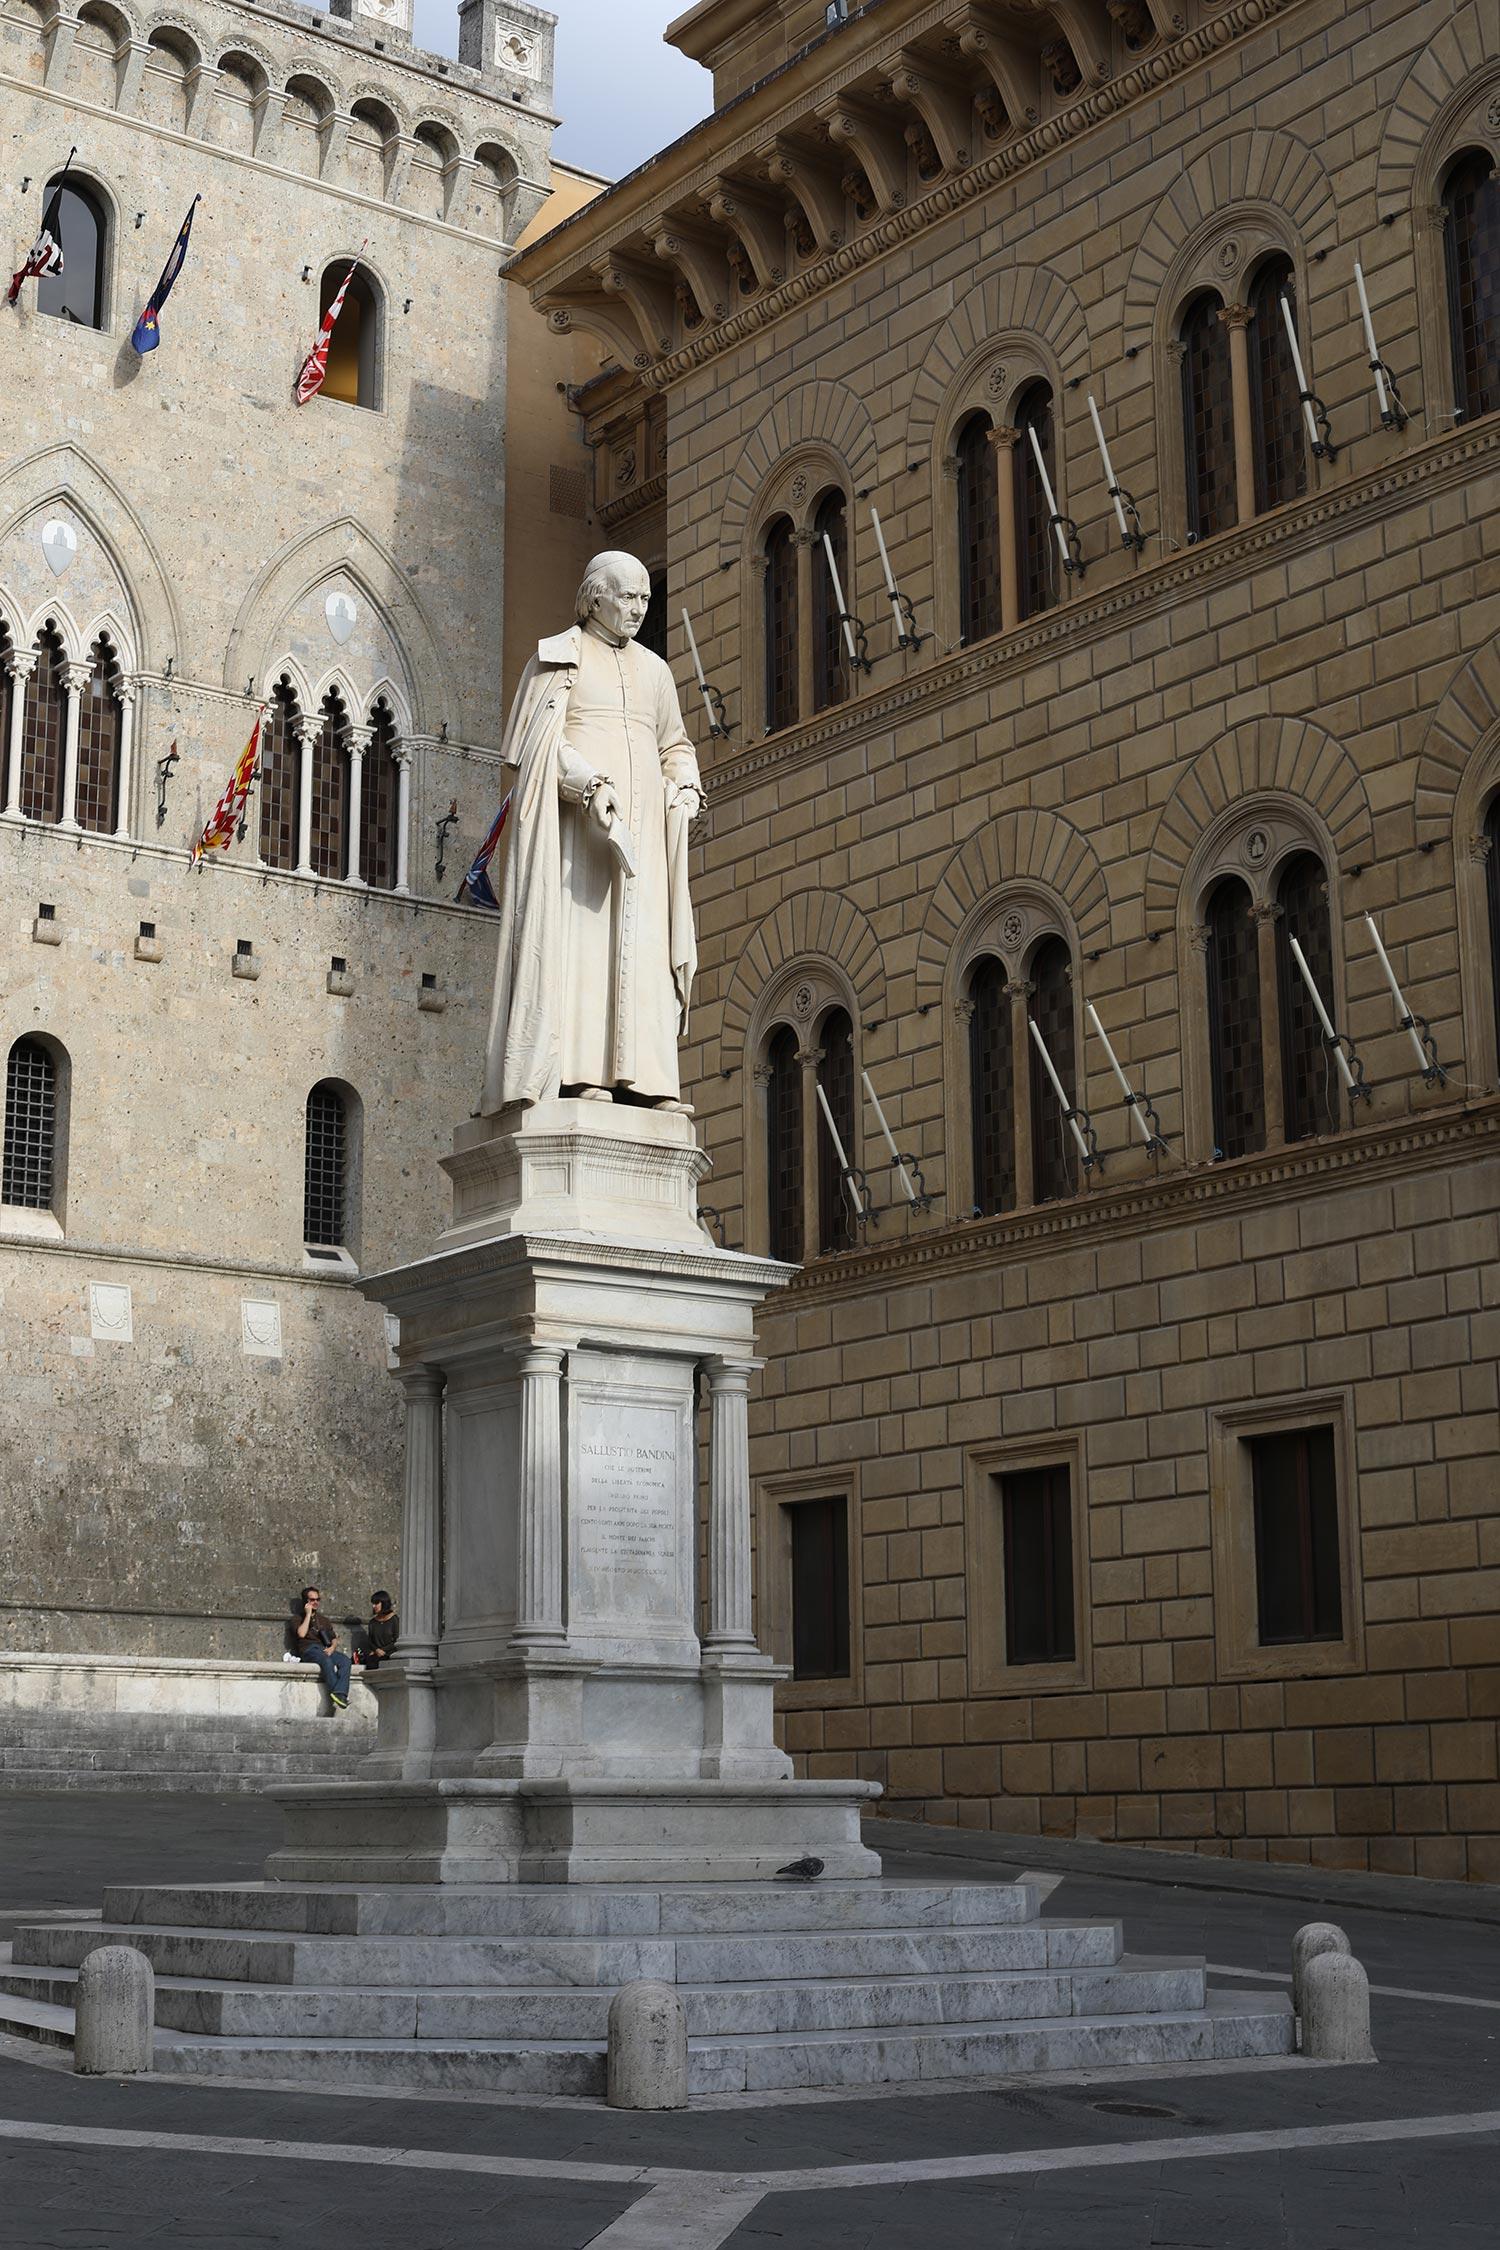 Pilgrimage_Rome_4107_Siena.jpg